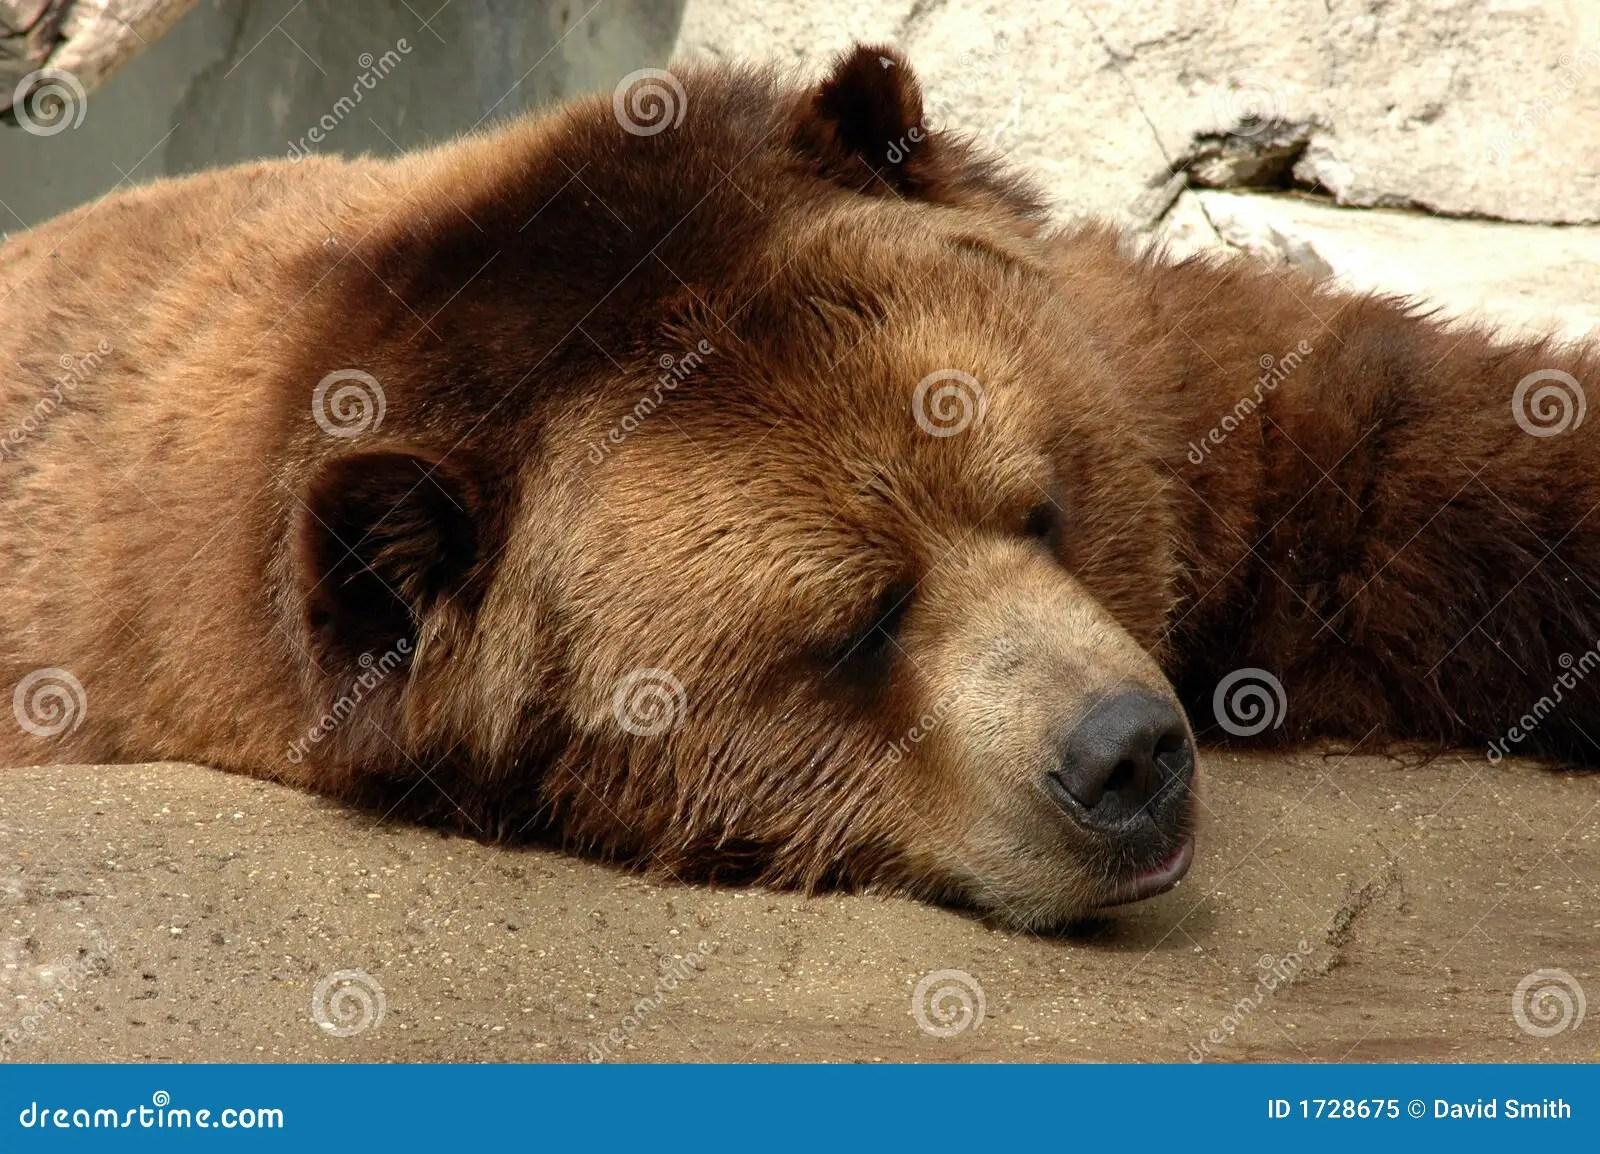 Brown Bear Sleeping At Zoo Royalty Free Stock Photo